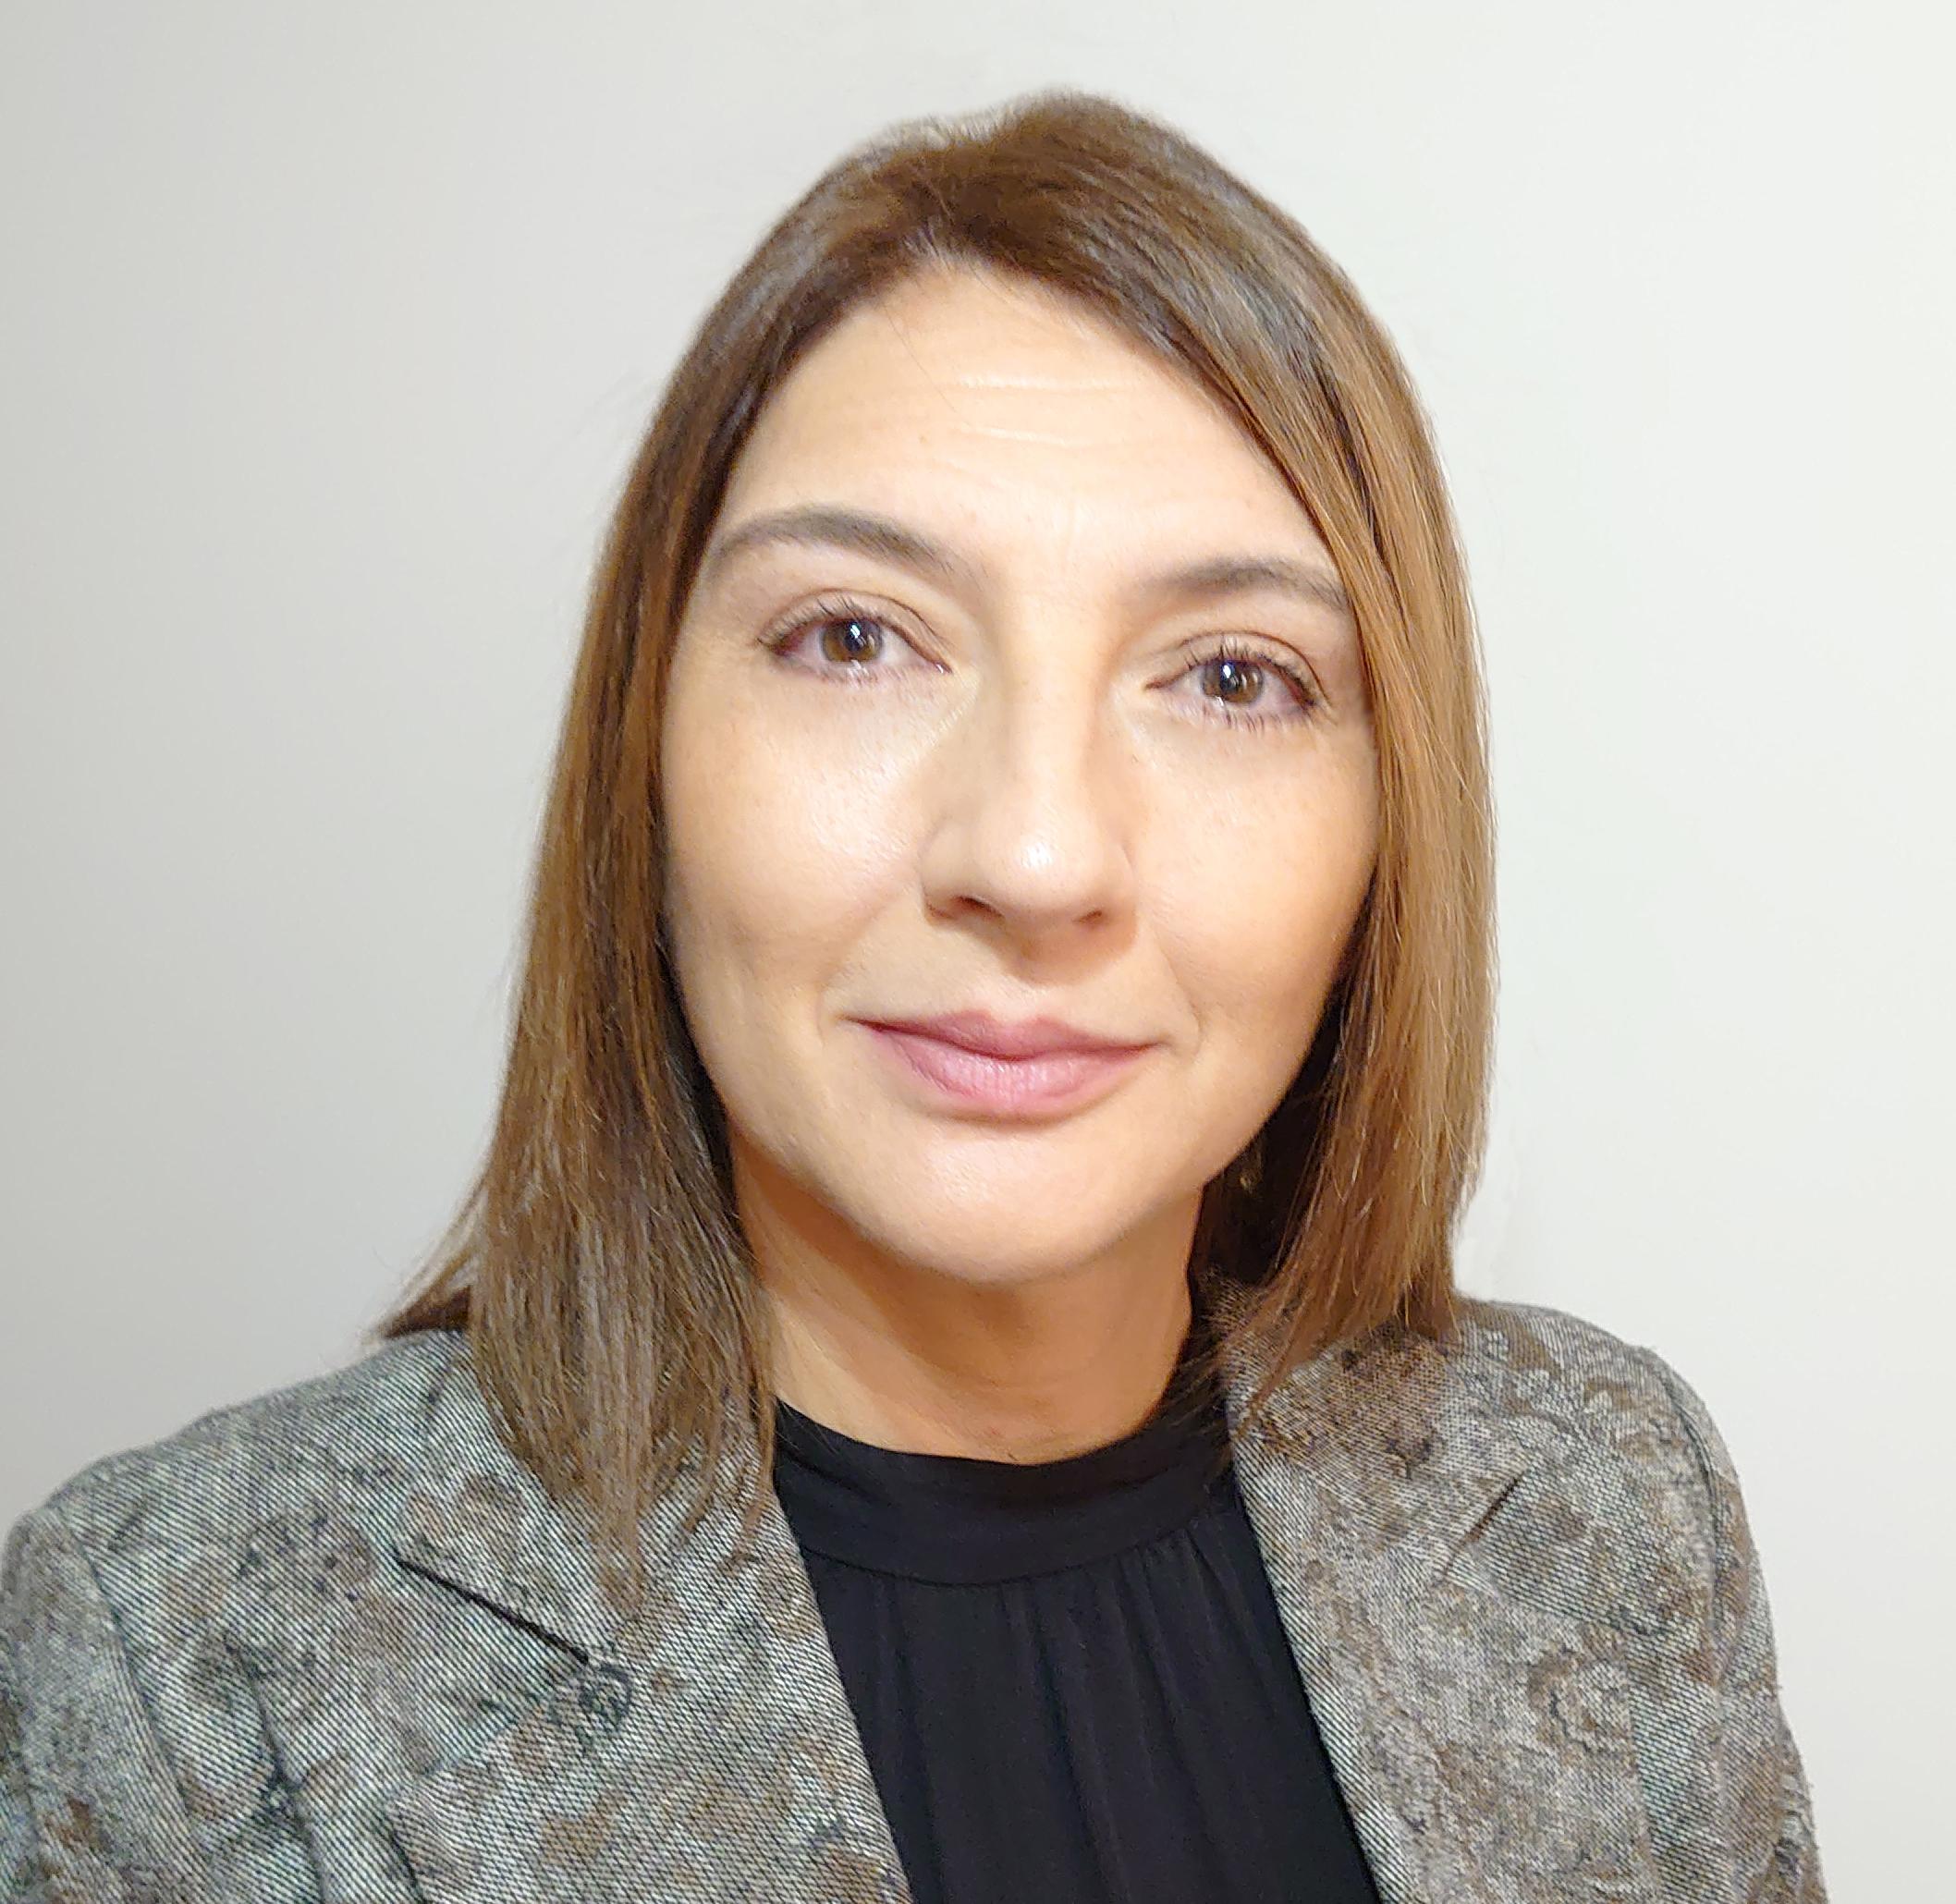 Yolanda Prieto